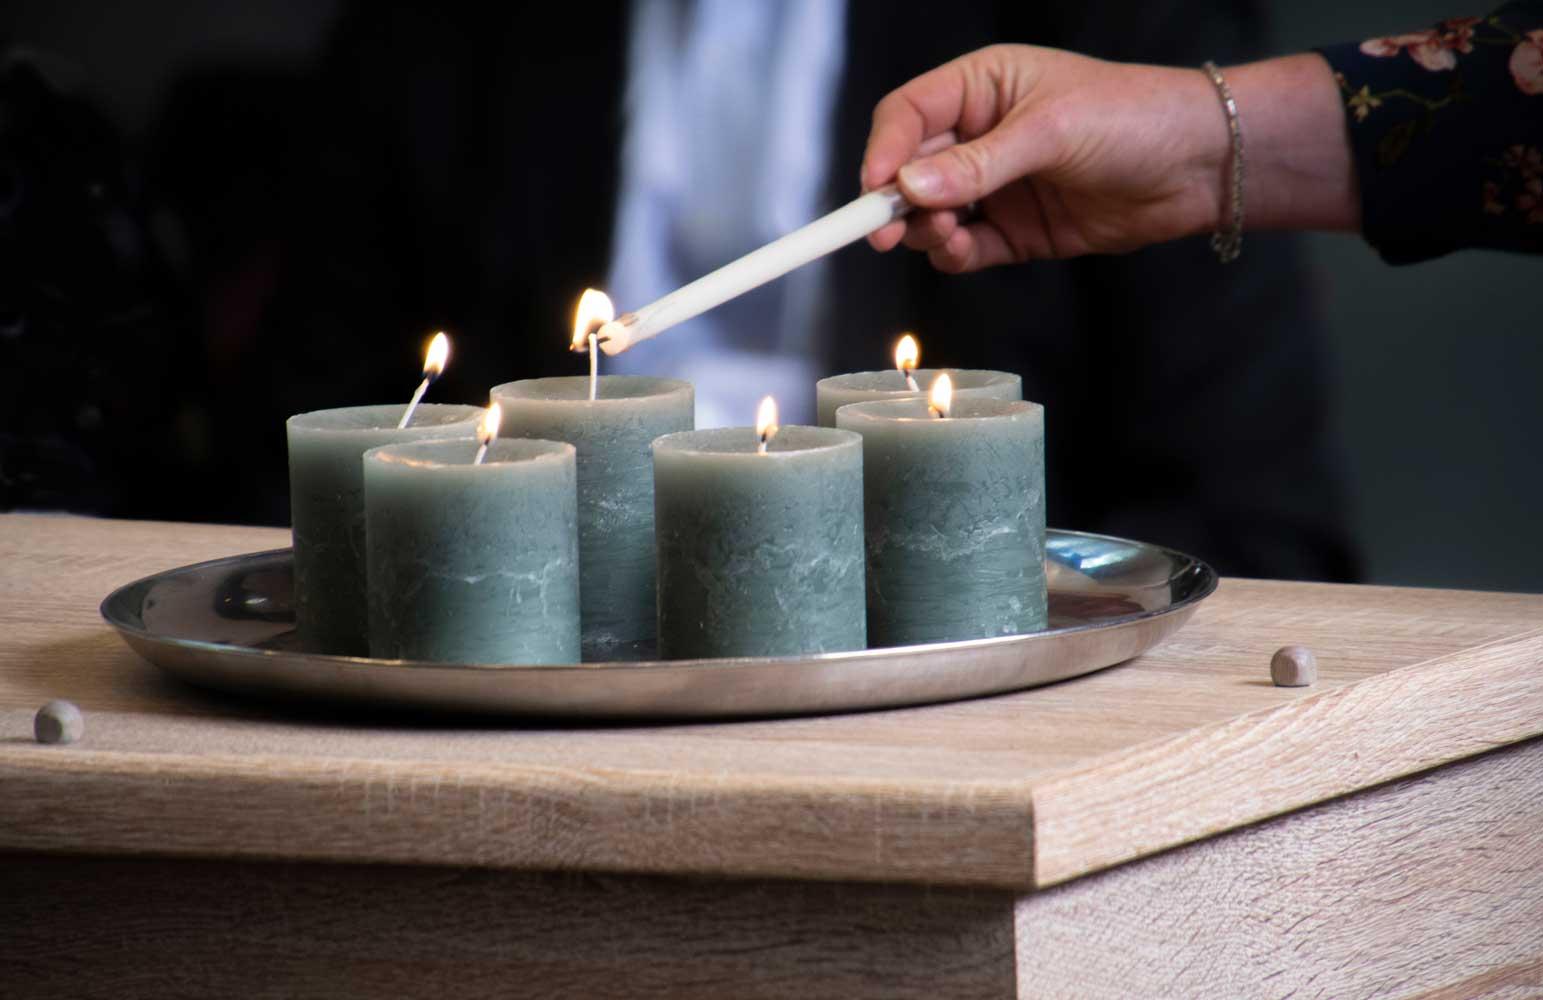 Kaarsen aansteken tijdens uitvaart